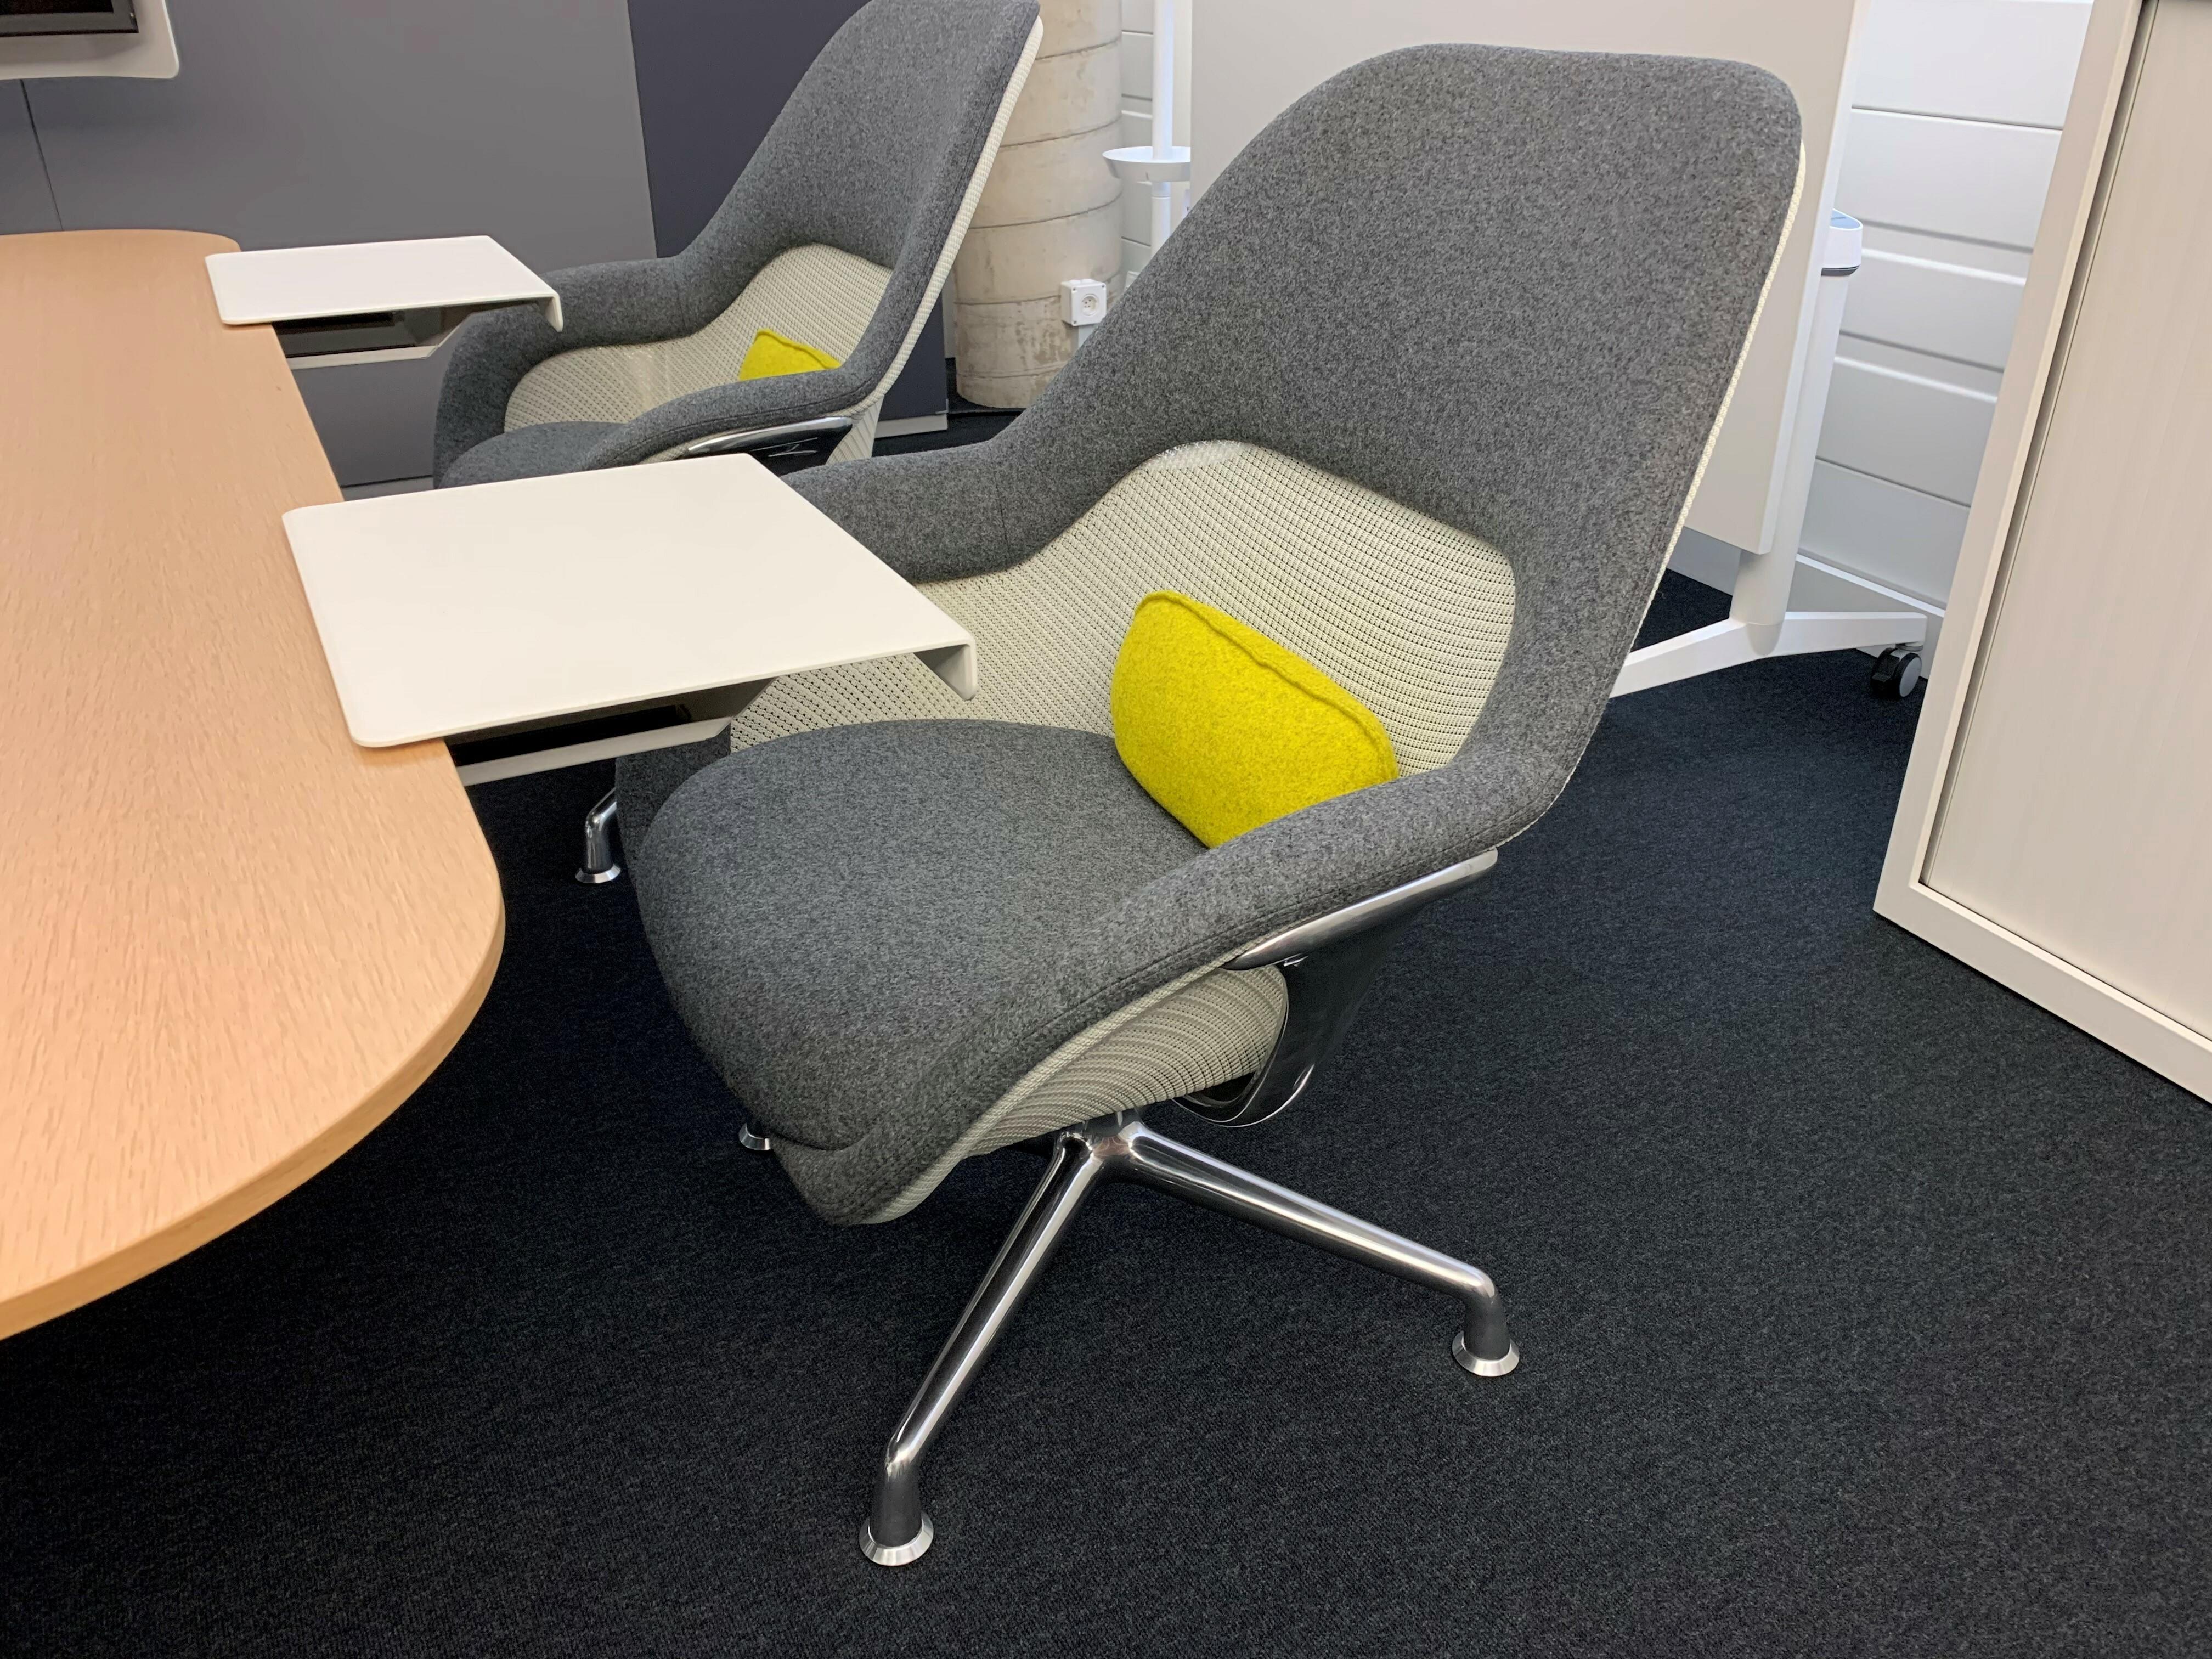 Table et siège de Coalesse 06